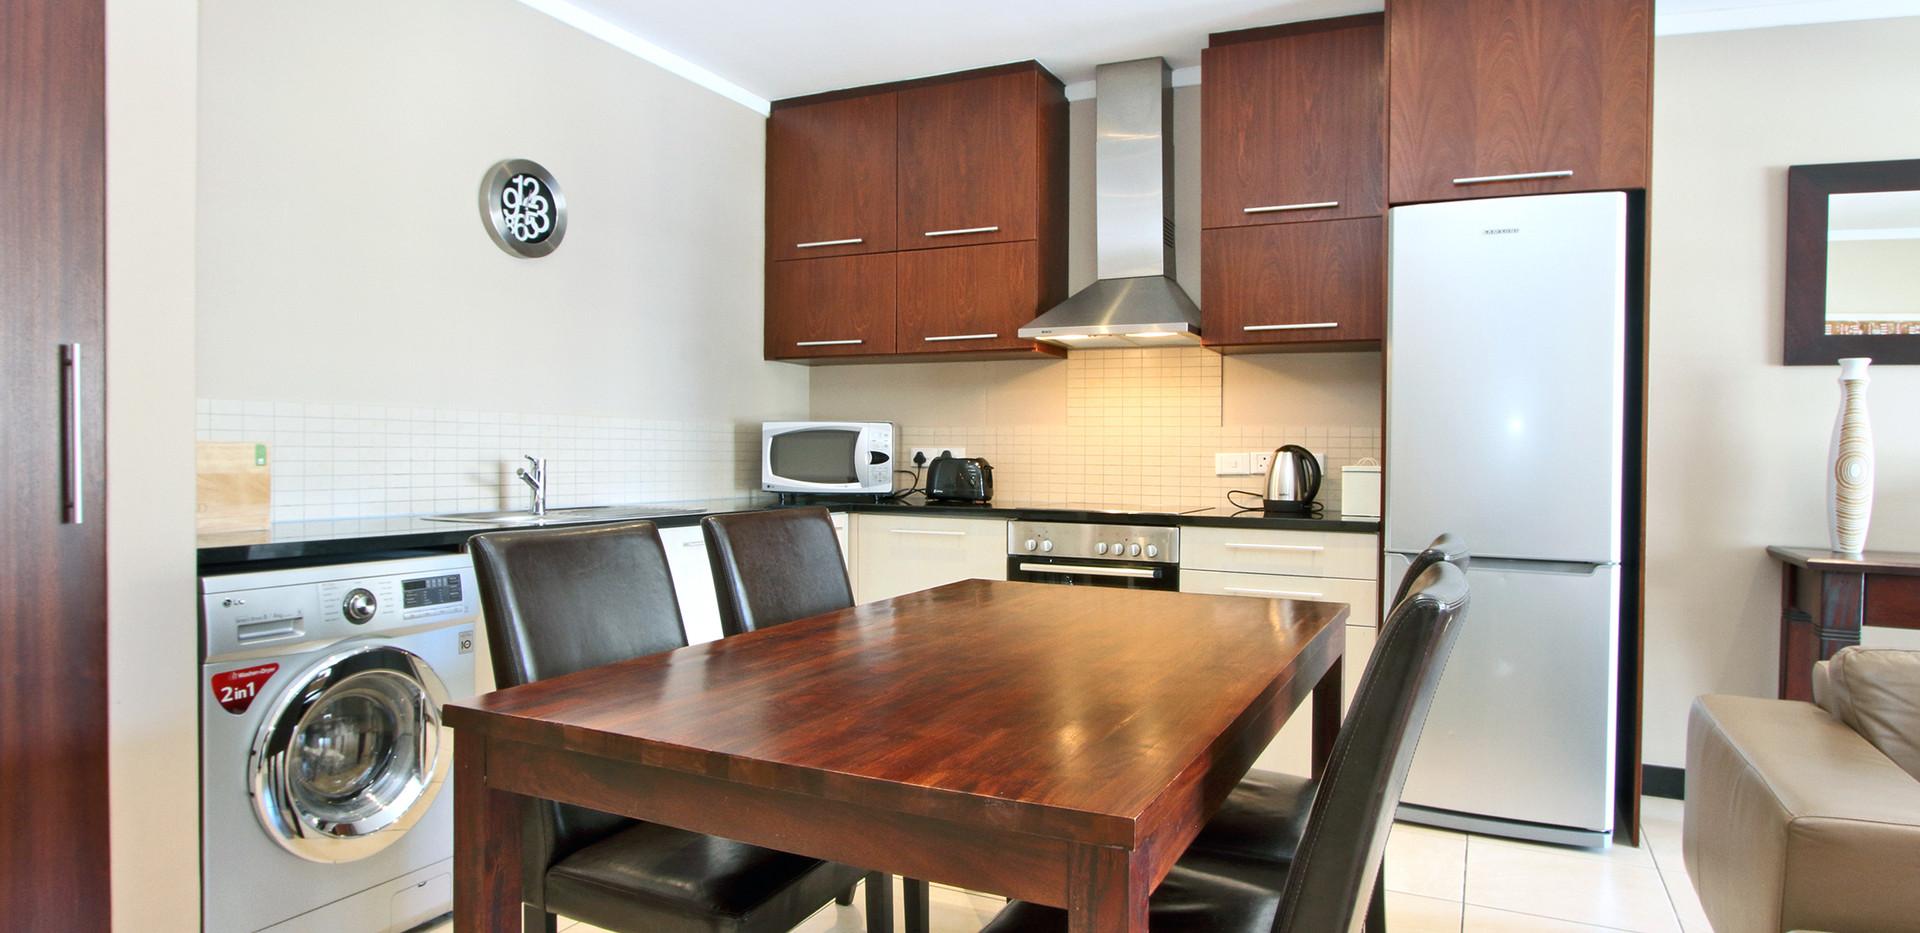 Kitchen_1bedroom_Icon_804_ITC_2.jpg